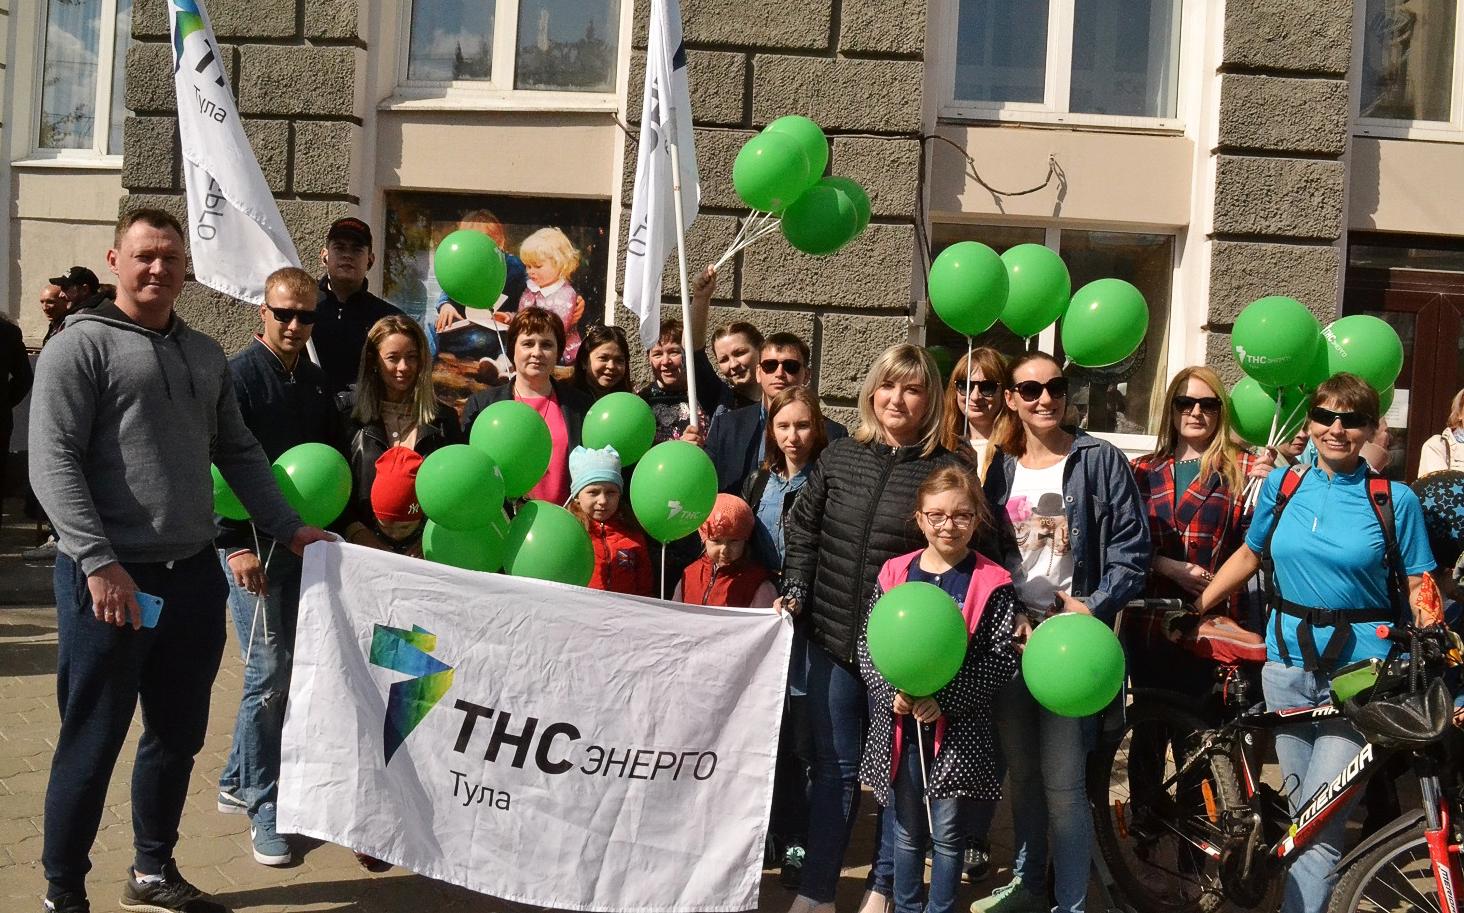 Трудовой коллектив АО«ТНС энерго Тула» принял участие впервомайском шествии